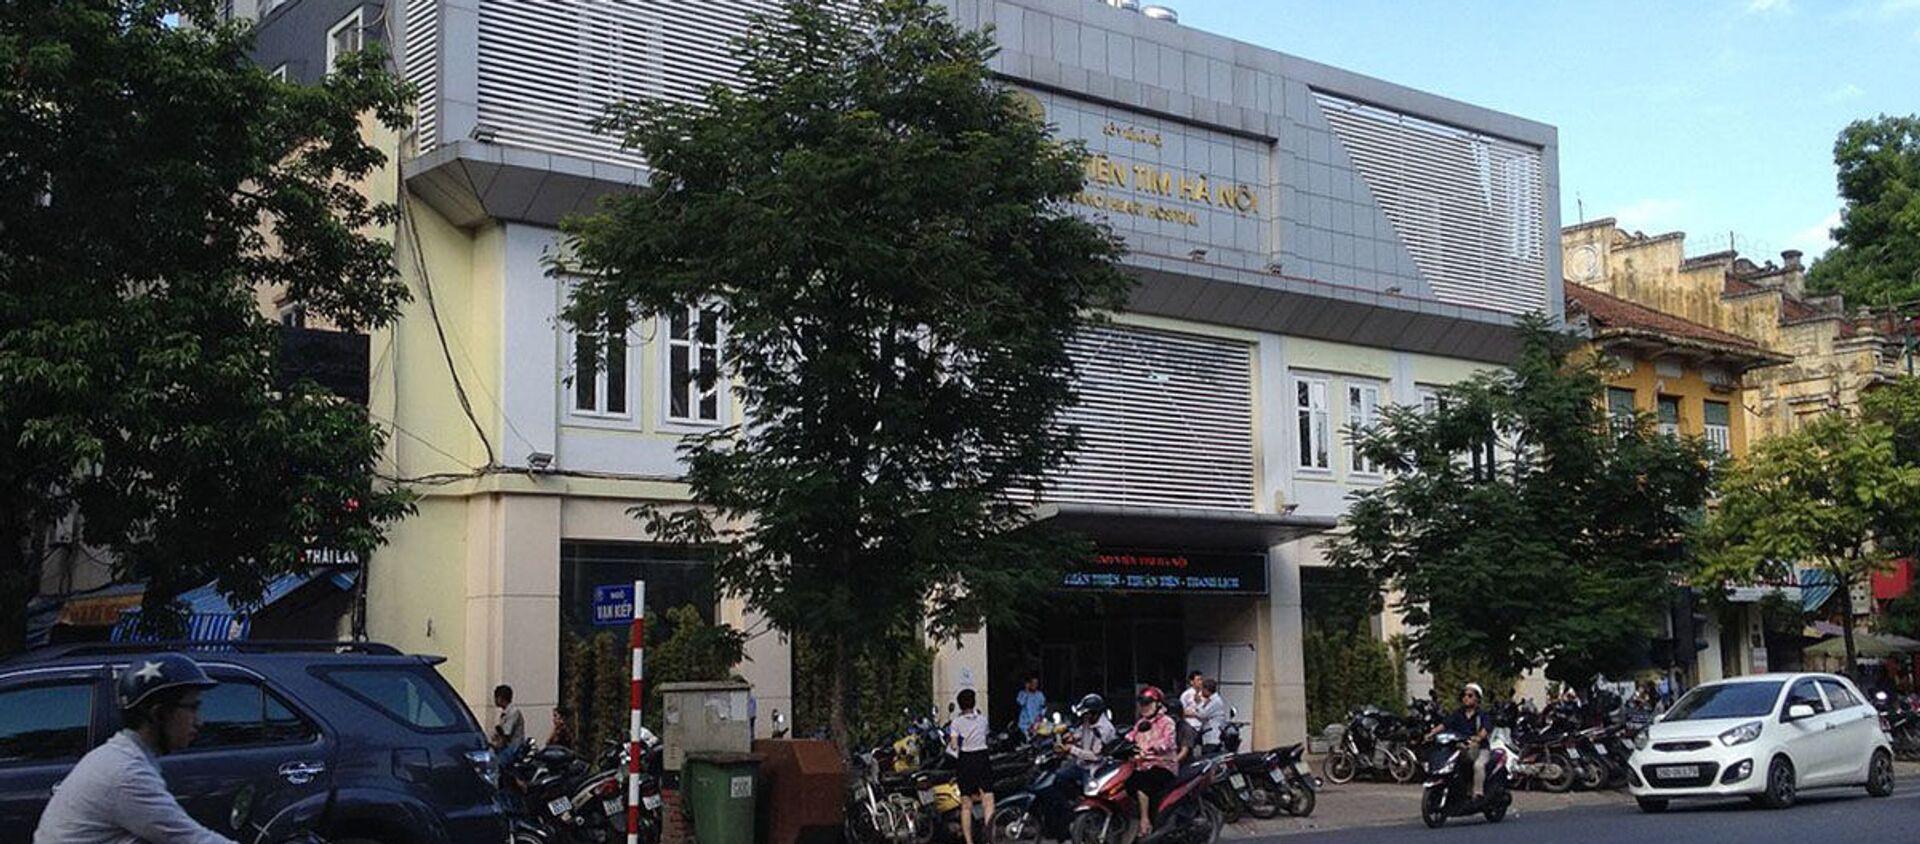 Bệnh viện Tim Hà Nội. - Sputnik Việt Nam, 1920, 12.04.2021